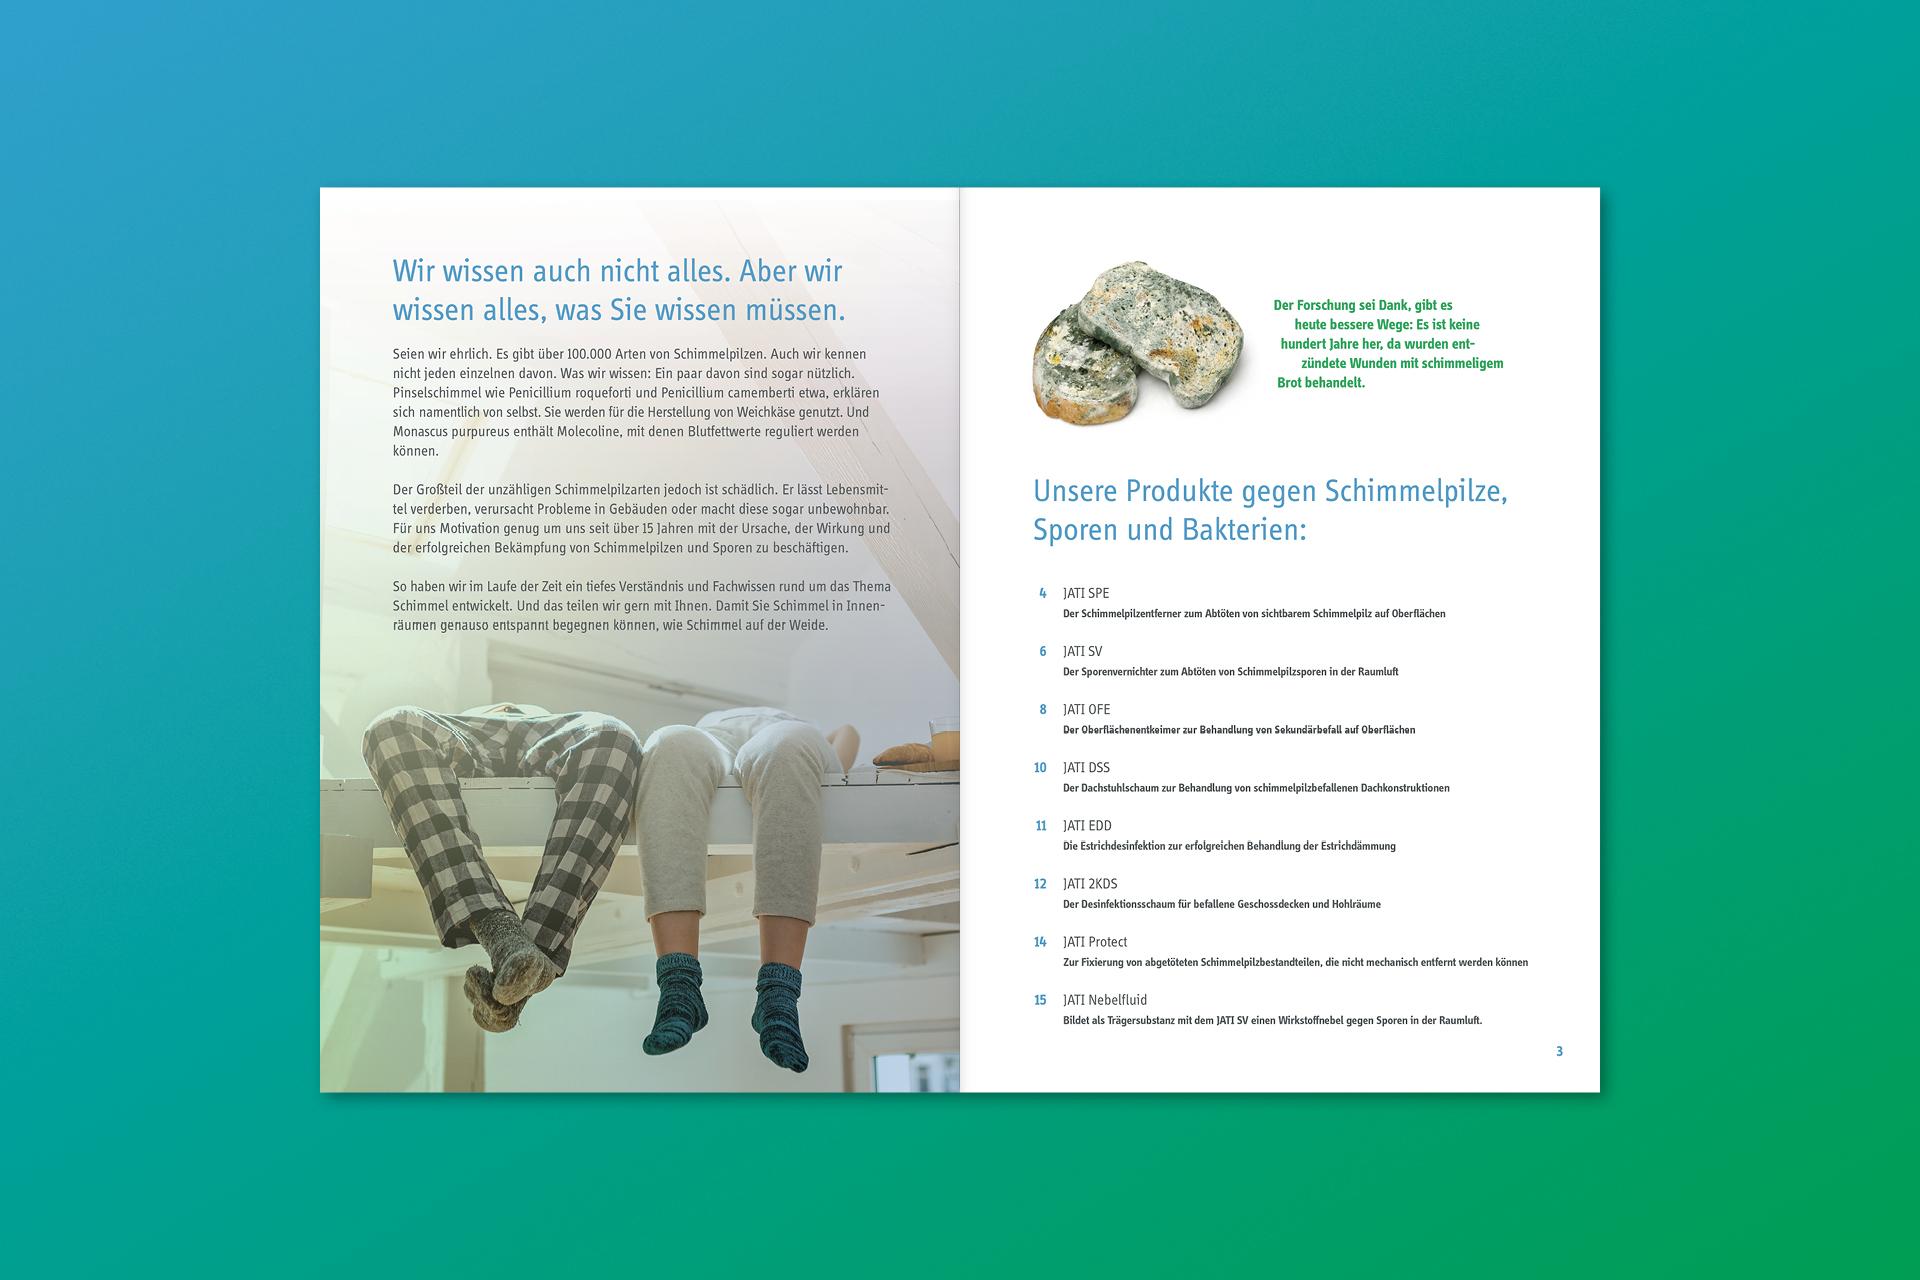 jati produktbroschuere 02 - Dem Schimmel sei Dank: Ein ganz frischer Markenauftritt für JATI – Corporate Design, Logoentwicklung, Grafikdesign